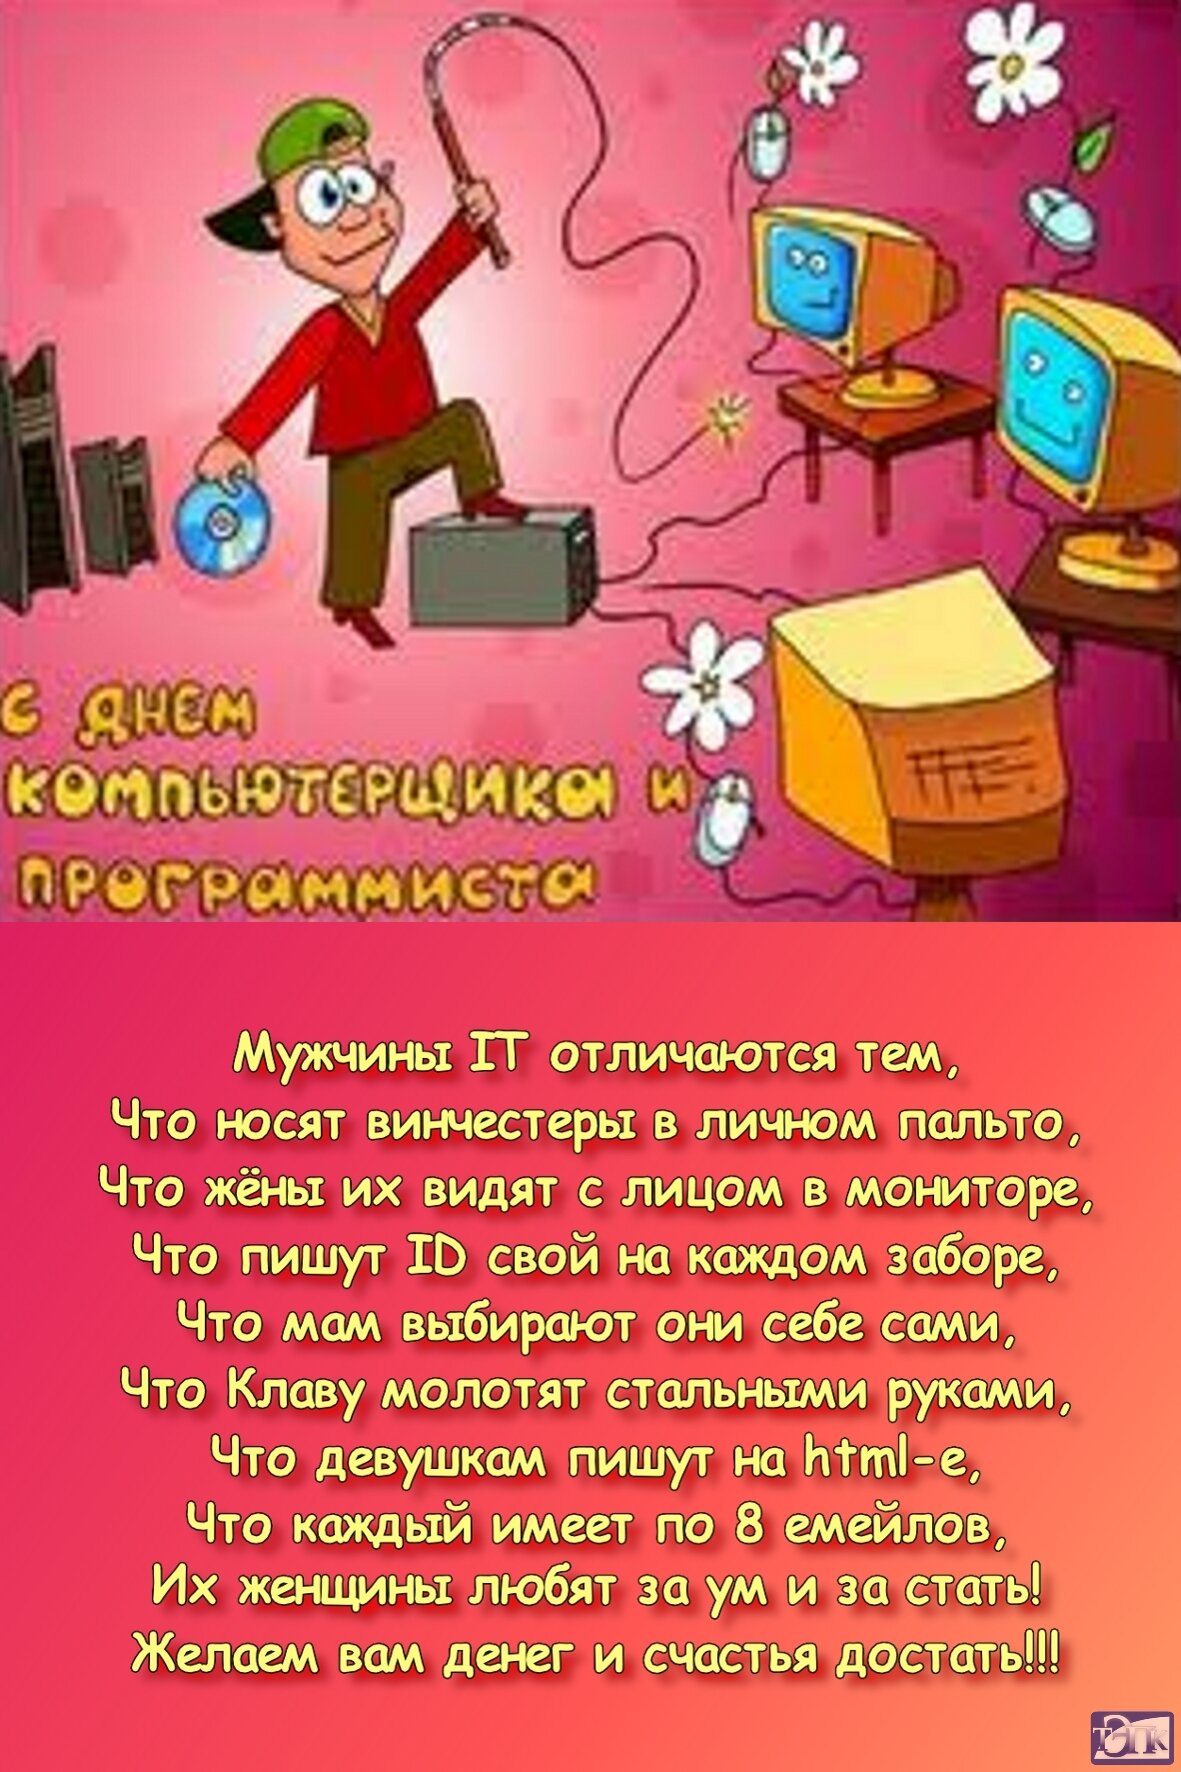 Поздравительные открытки программисту